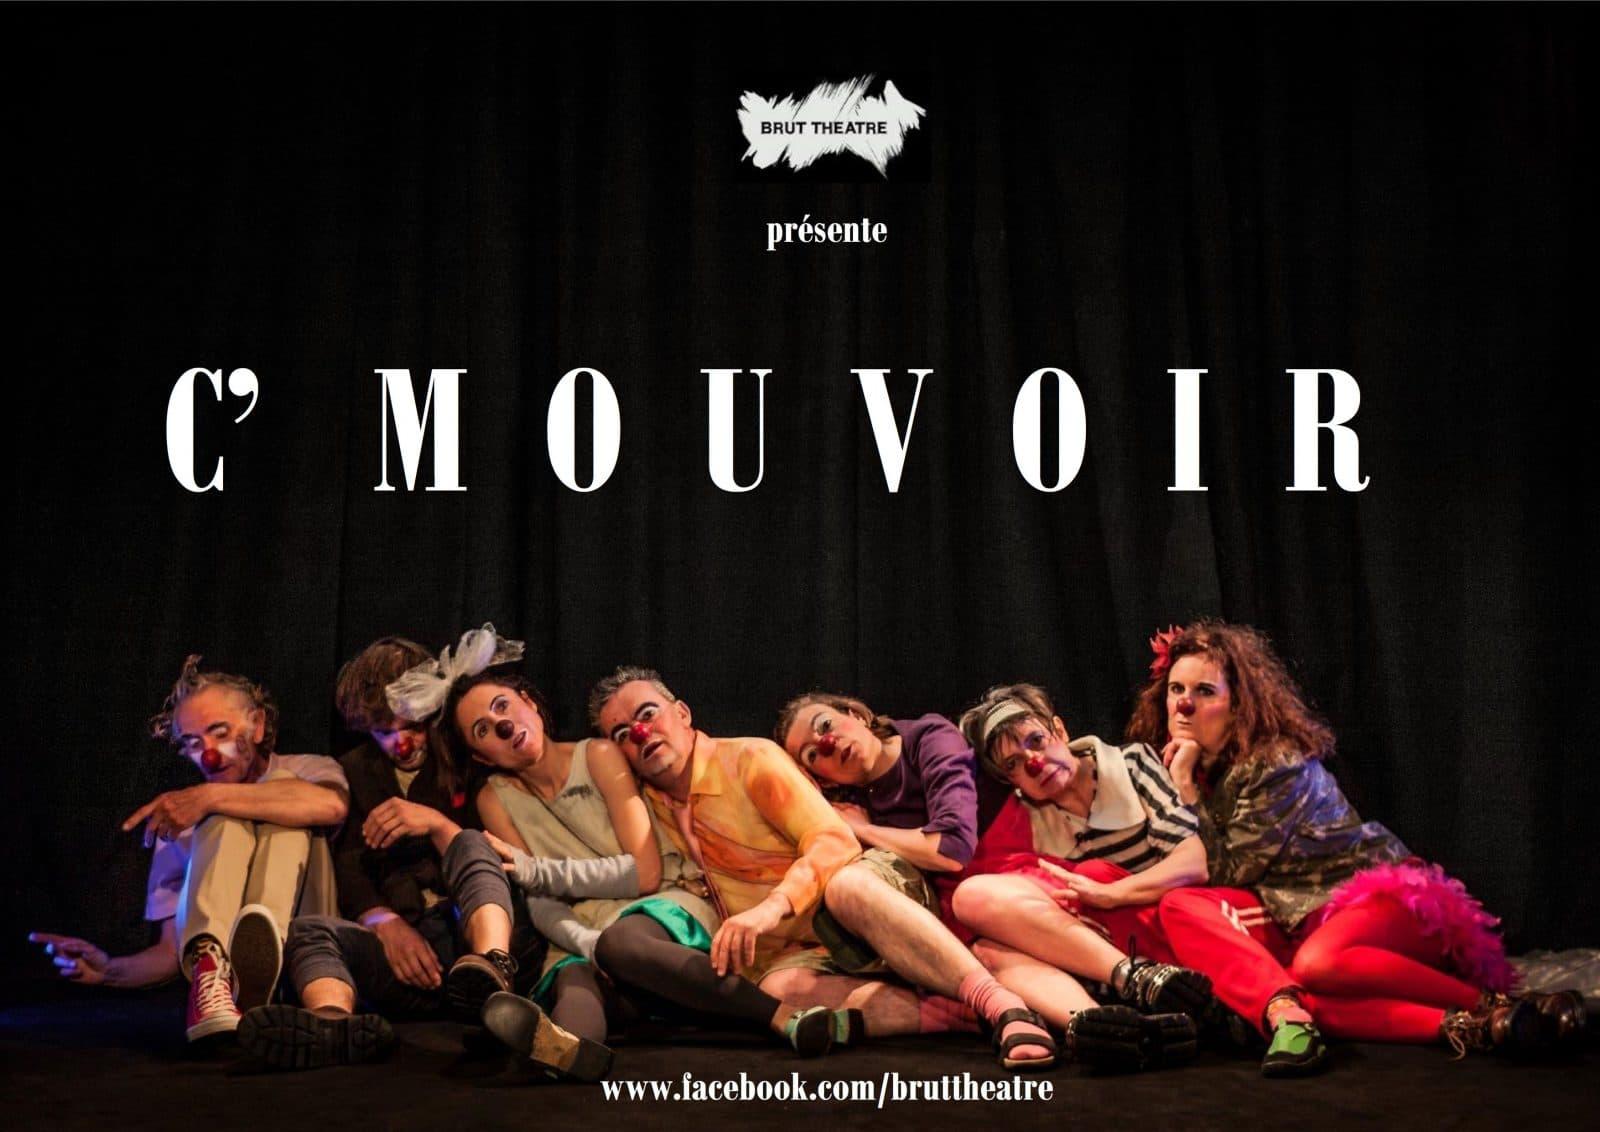 Le Plateau 25 - Nantes - spectacle clowns - C-mouvoir